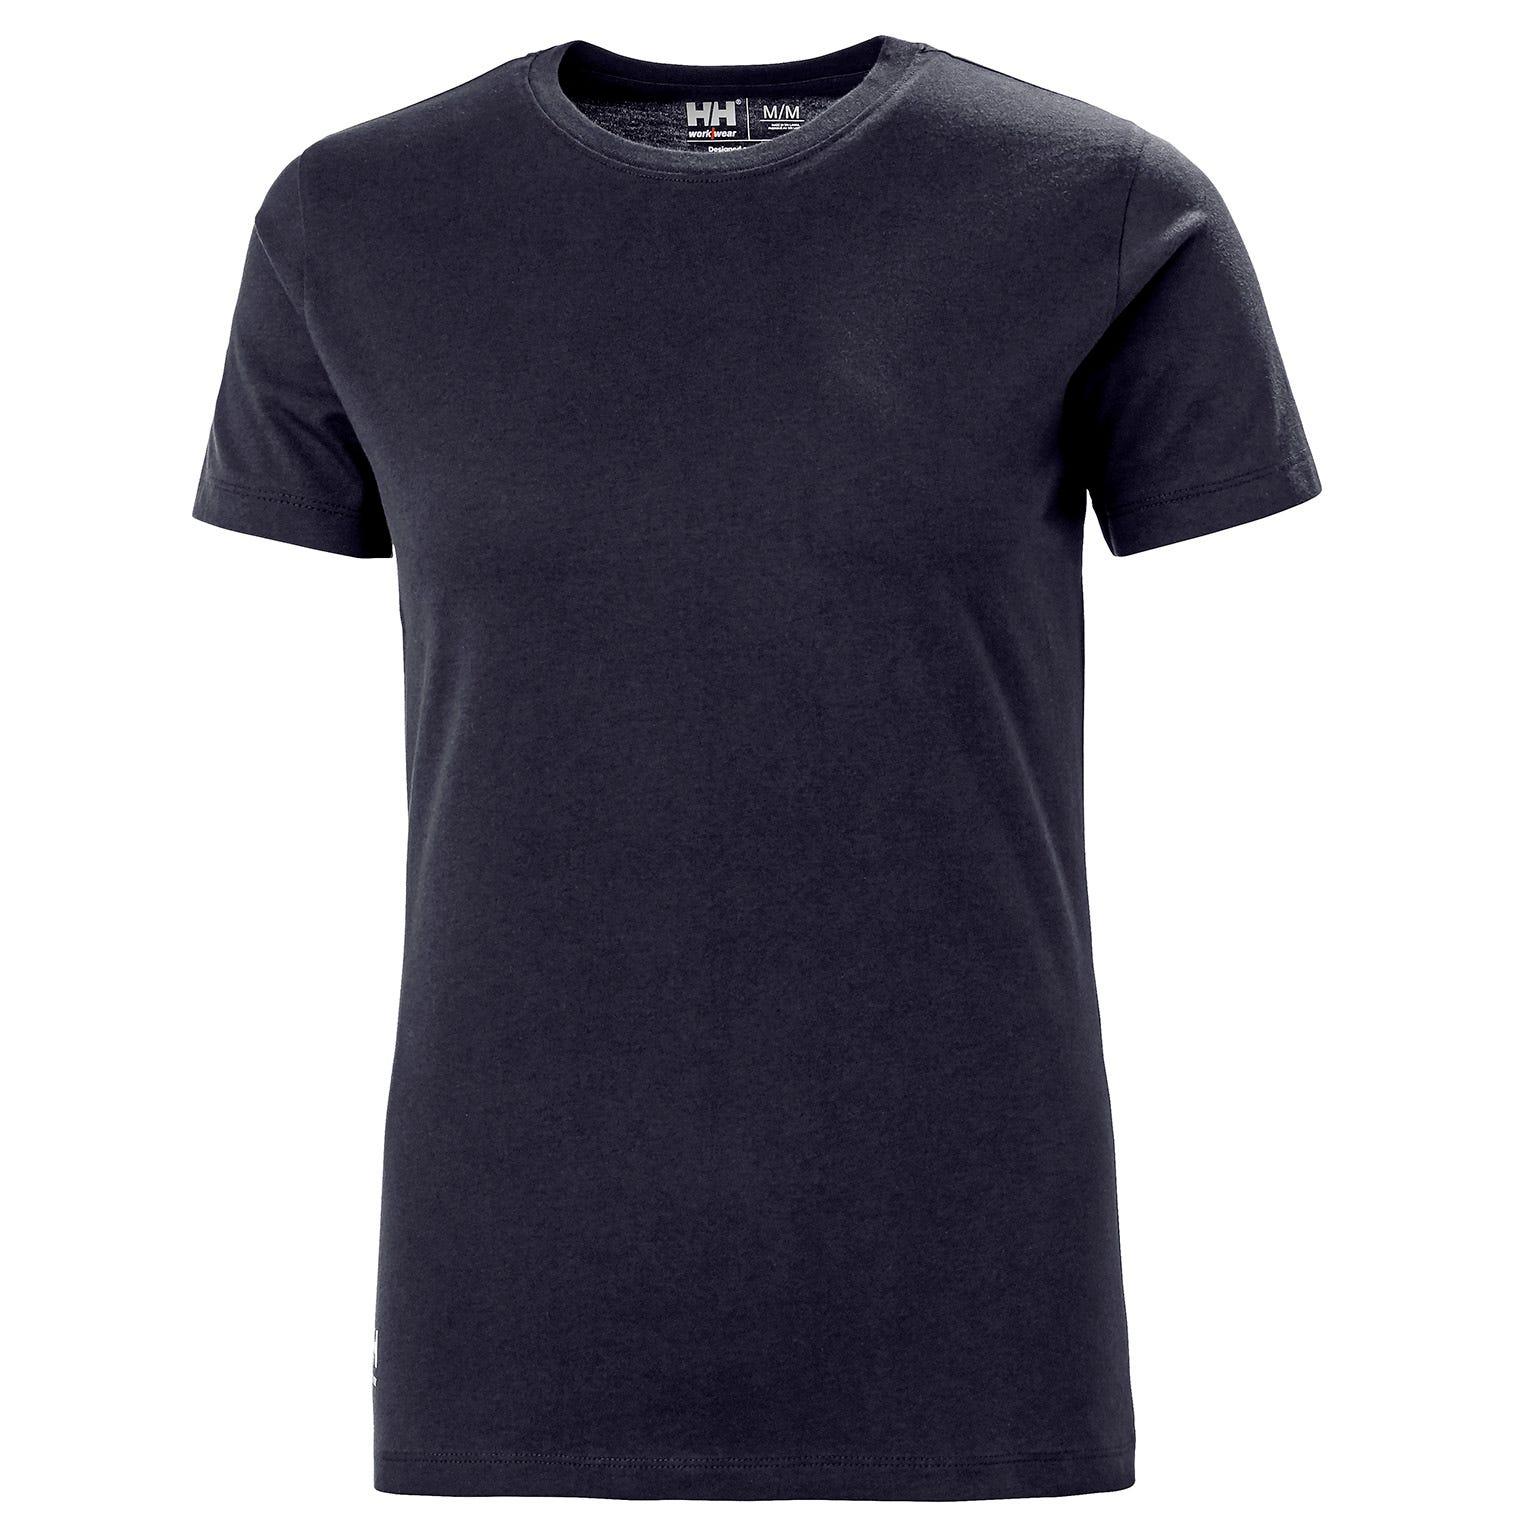 HH Workwear Helly Hansen WorkwearWomen's Manchester Cotton T-Shirt Navy XL